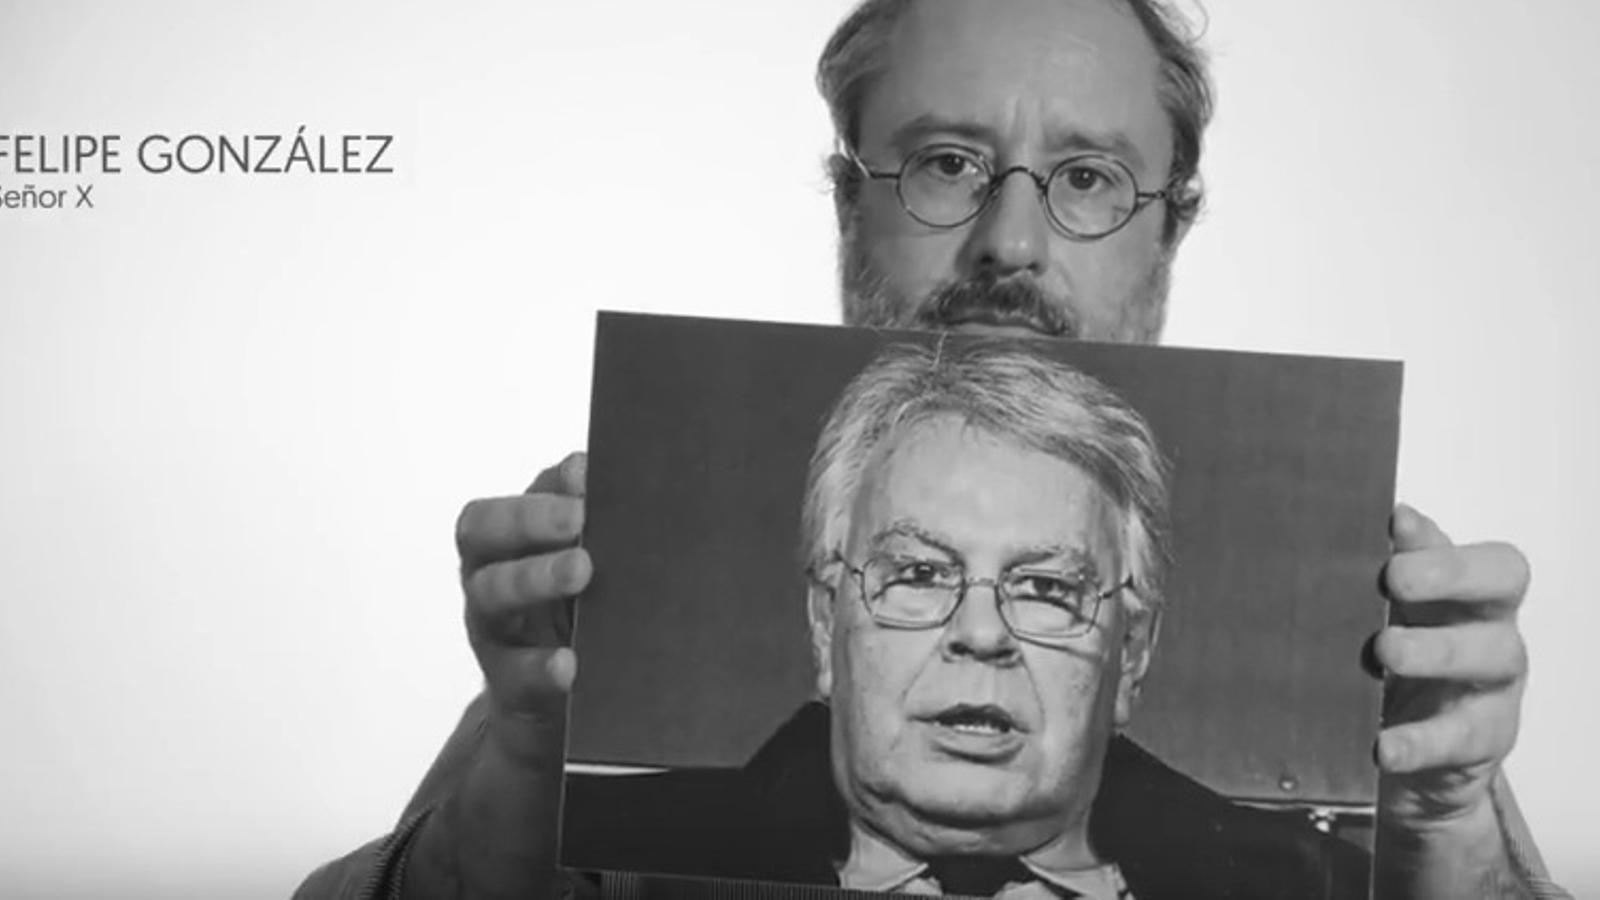 'L'1-O votaré per tu':  República des de baix versiona el vídeo del 9-N per a l'1-O